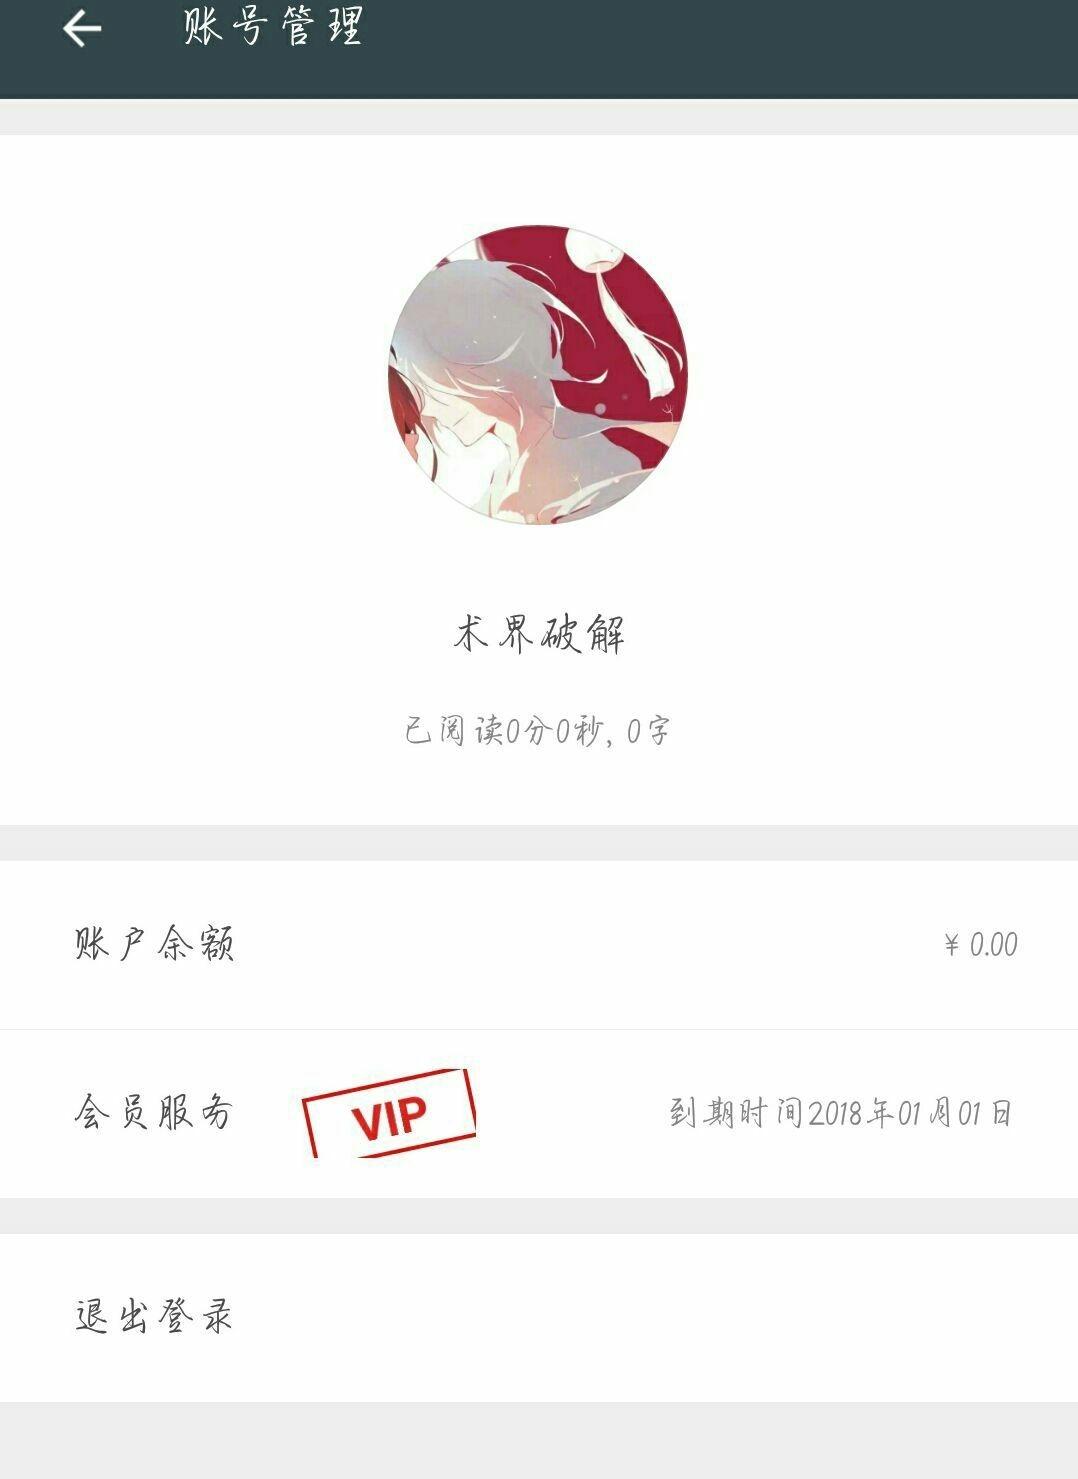 【违规】搜书大师修改版最新版本